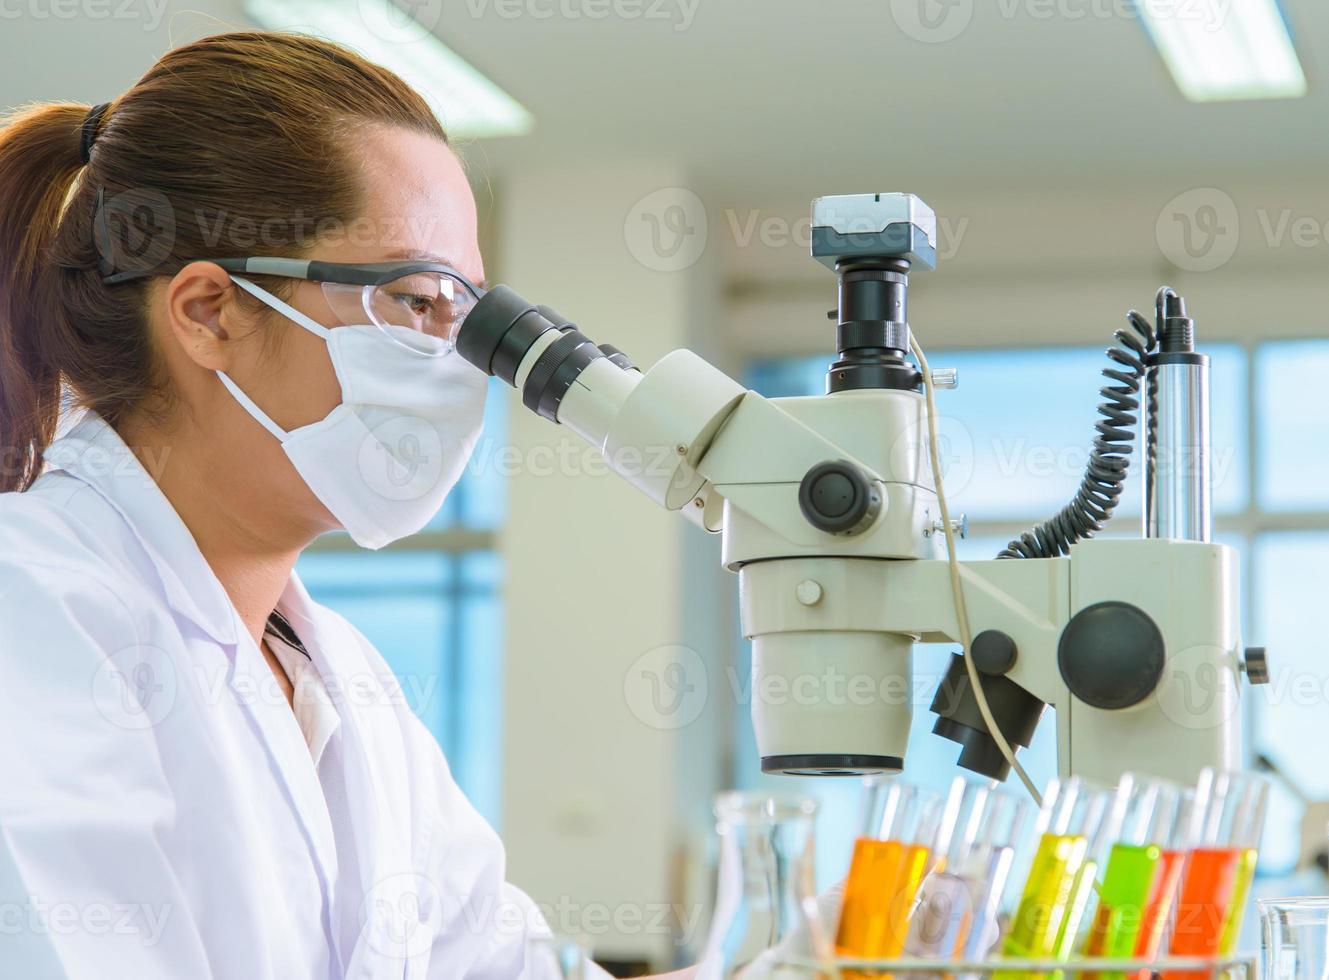 prueba científica de dosificación tubo de caída en el laboratorio foto